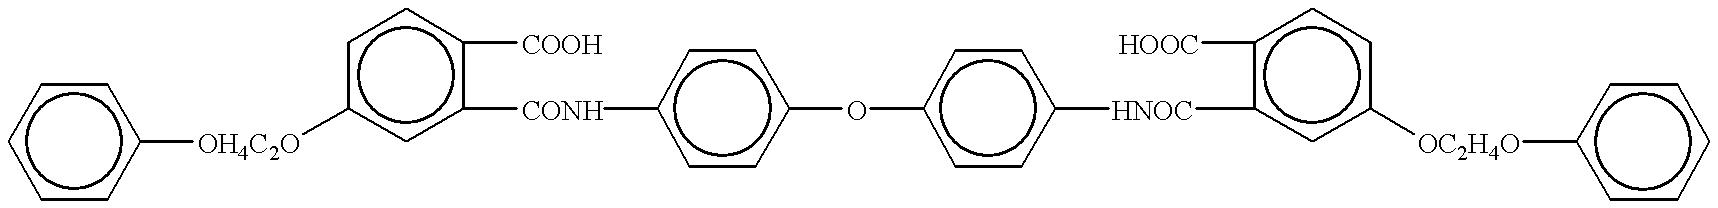 Figure US06180560-20010130-C00427